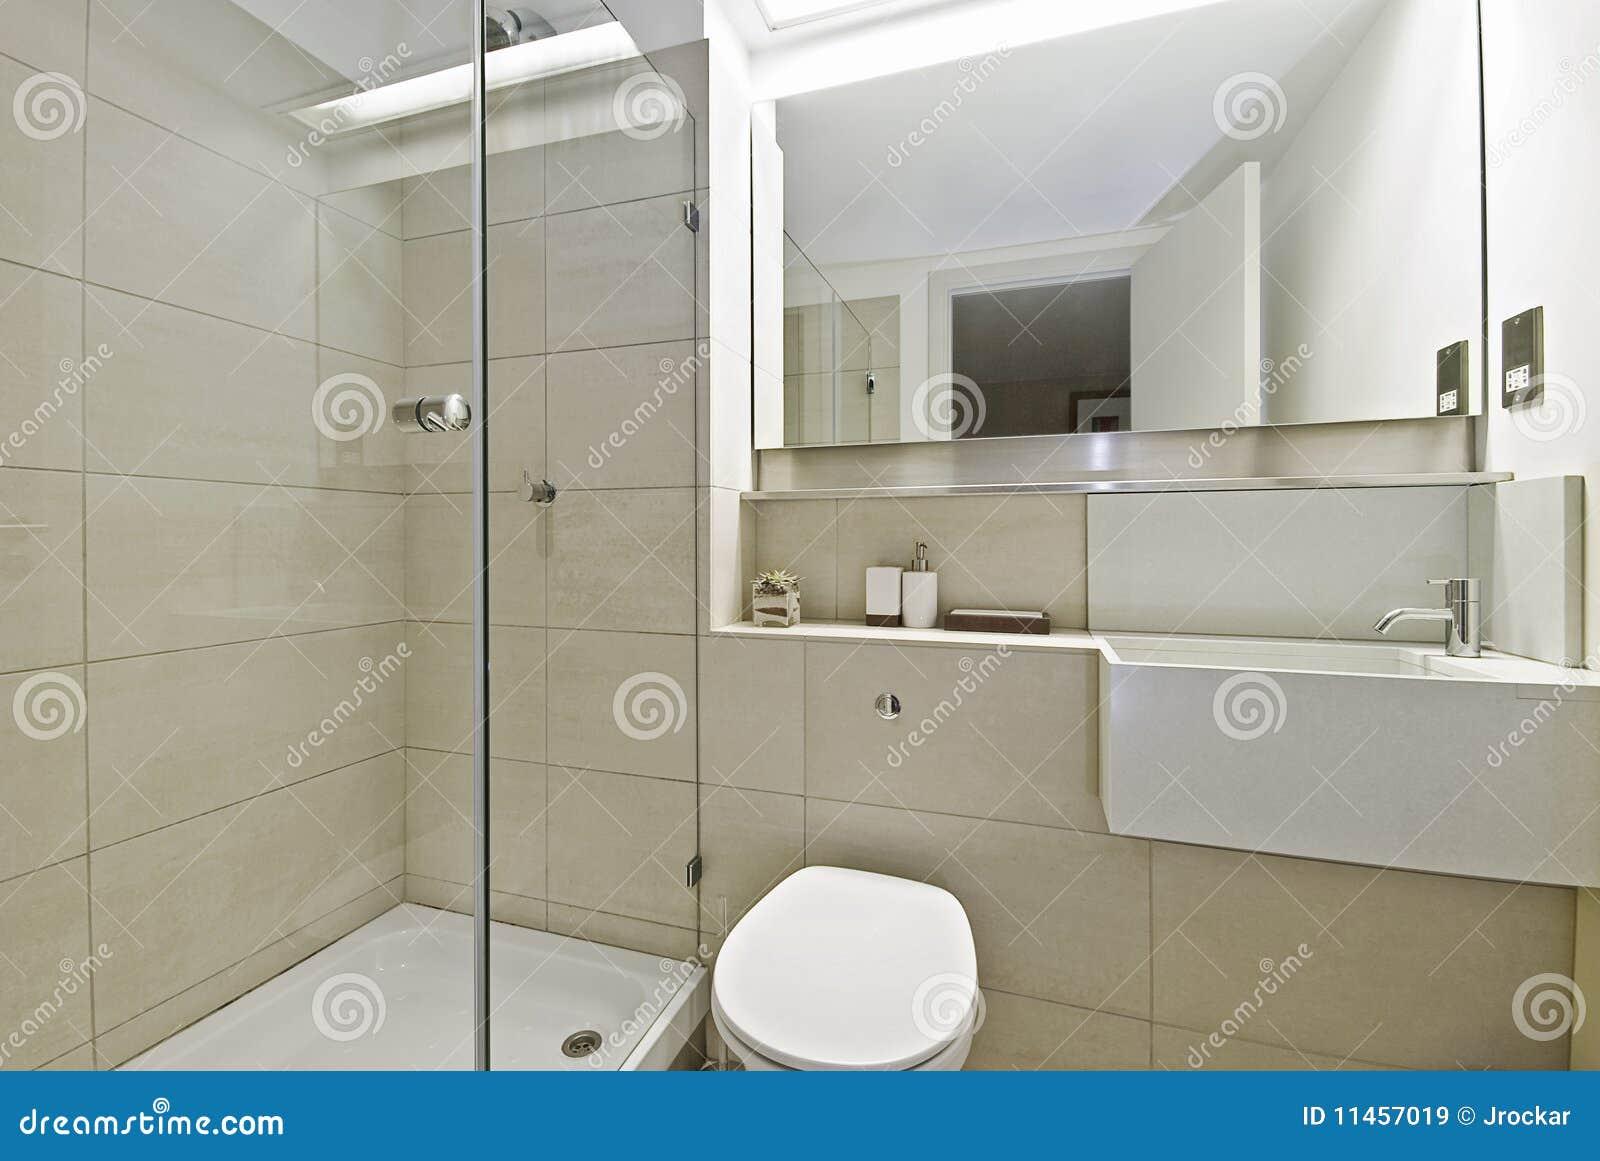 Cuarto de ba o con la esquina de la ducha im genes de - Cuartos de bano con ducha fotos ...